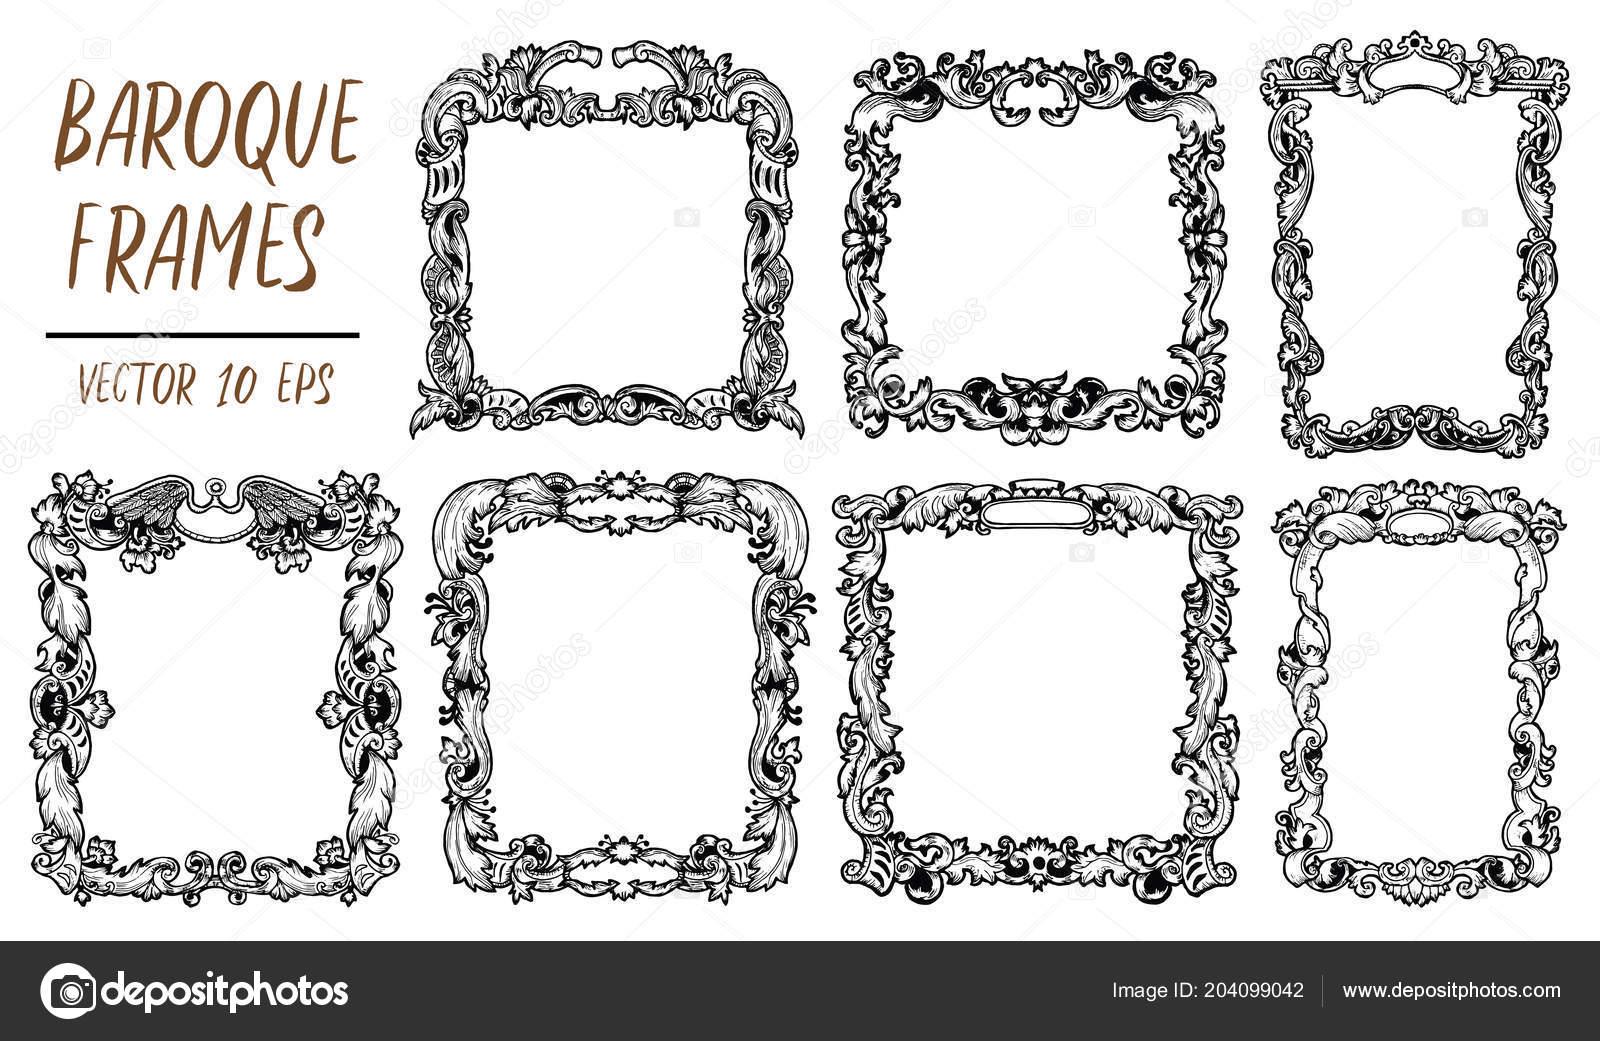 6a2f96e46e6 Set Black White Vector Baroque Frames Decorative Retro Ornament Style —  Stock Vector